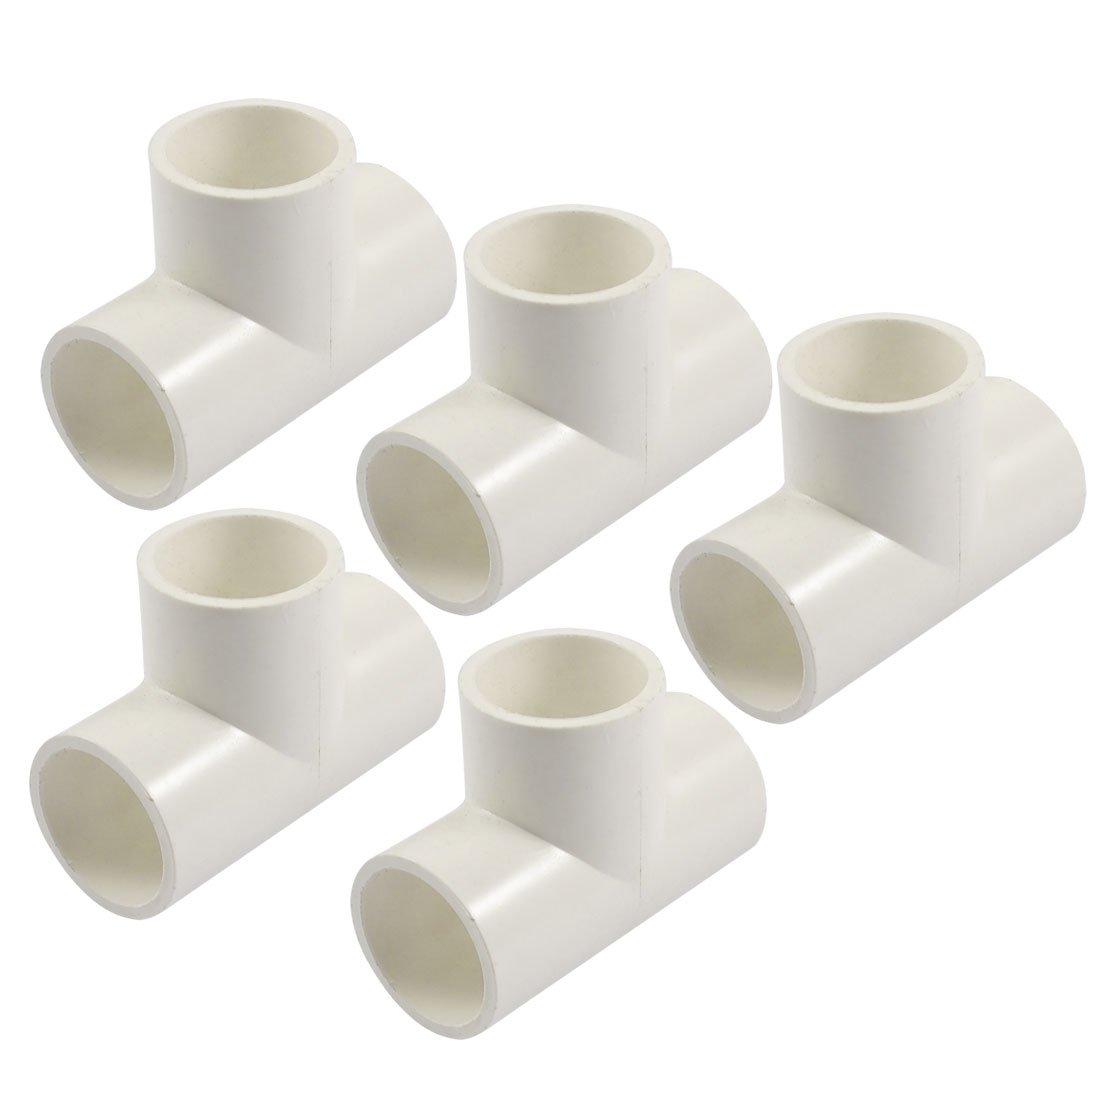 Sourcingmap PVC de 25mm T 3way agua Pipe Tubo Adaptador Conectores Blanco 5pcs